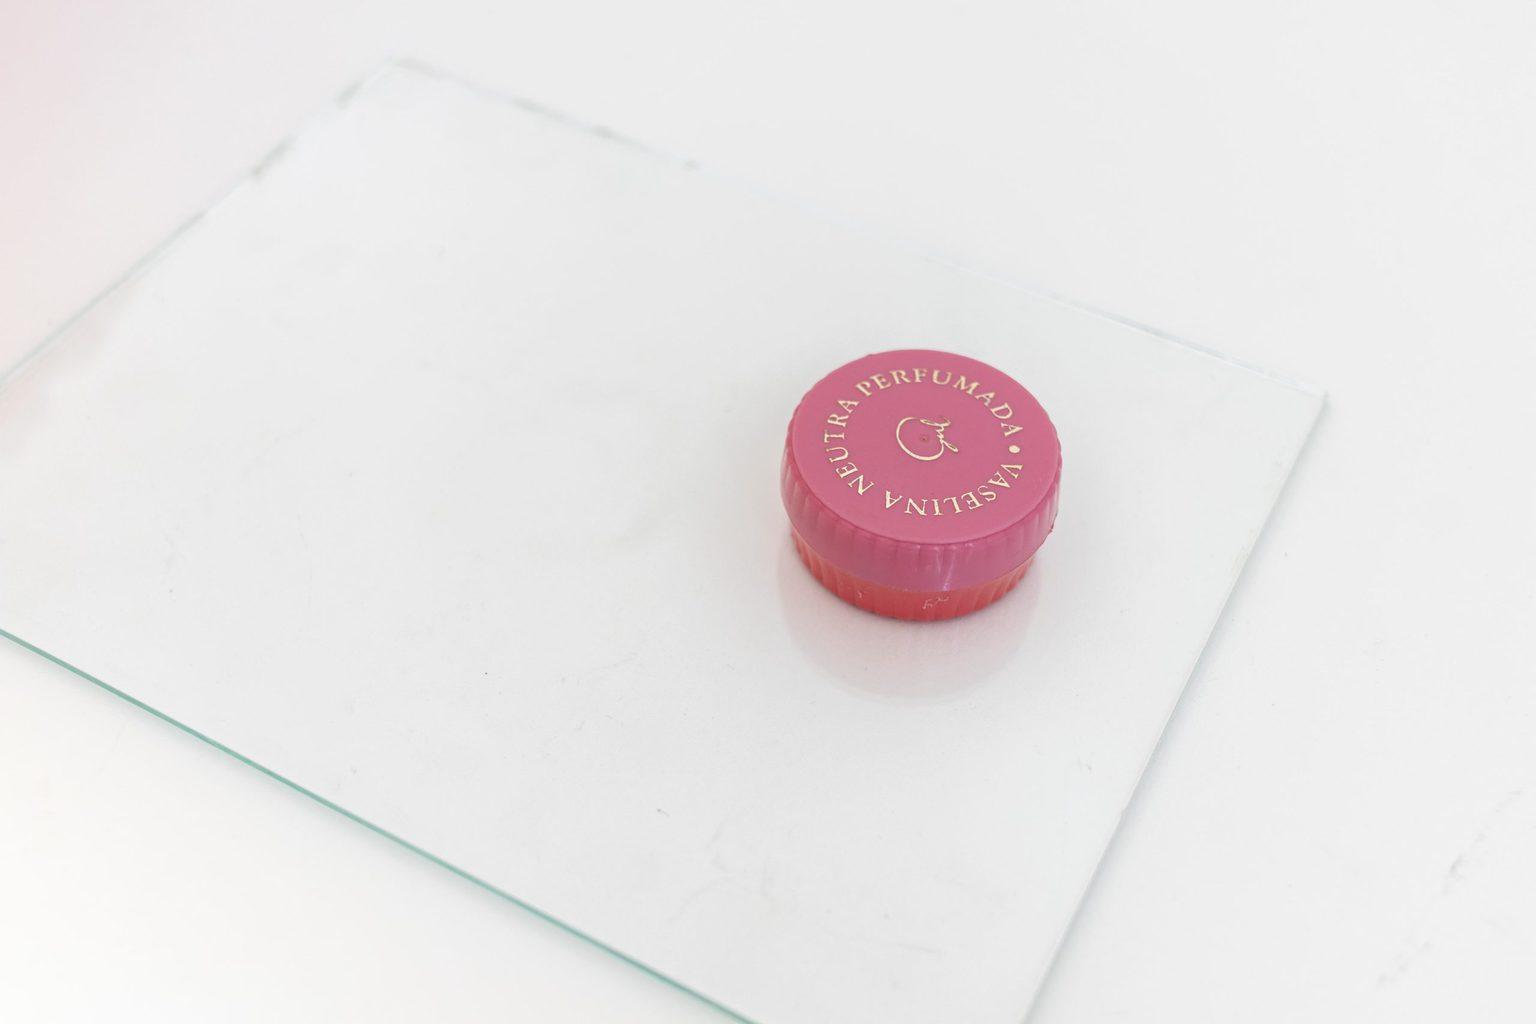 cristal y vaselina para filtro neblina